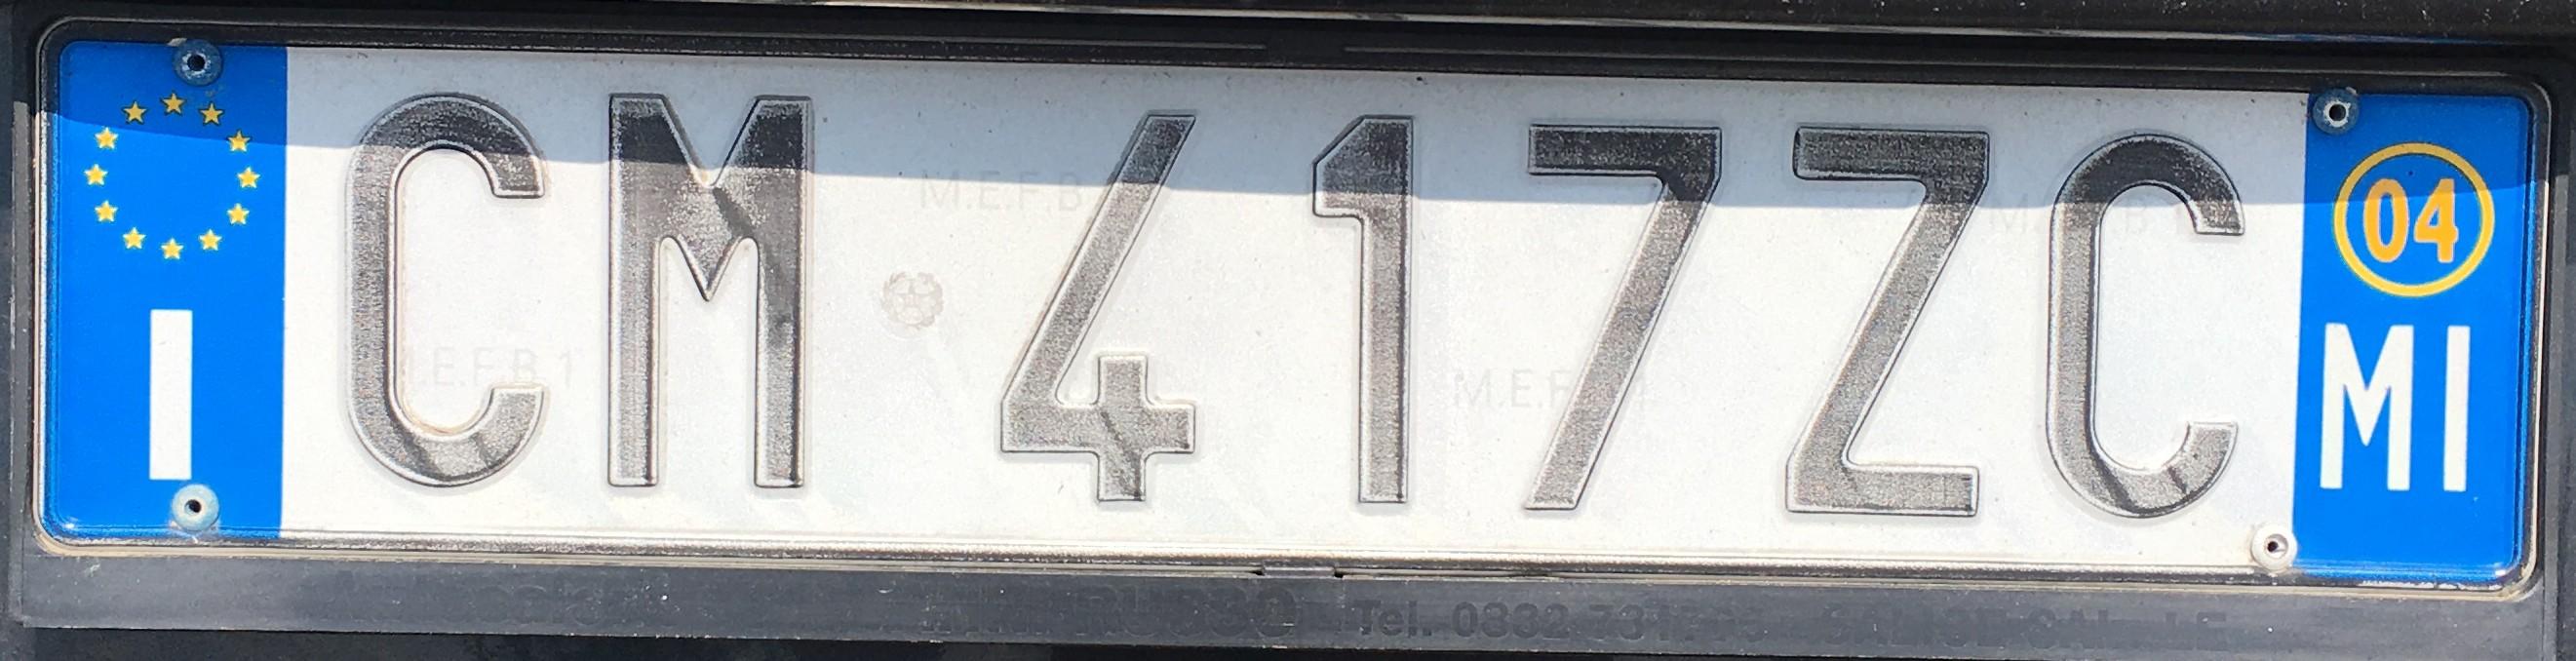 Registrační značka Itálie - MI -Milano, foto: vlastní